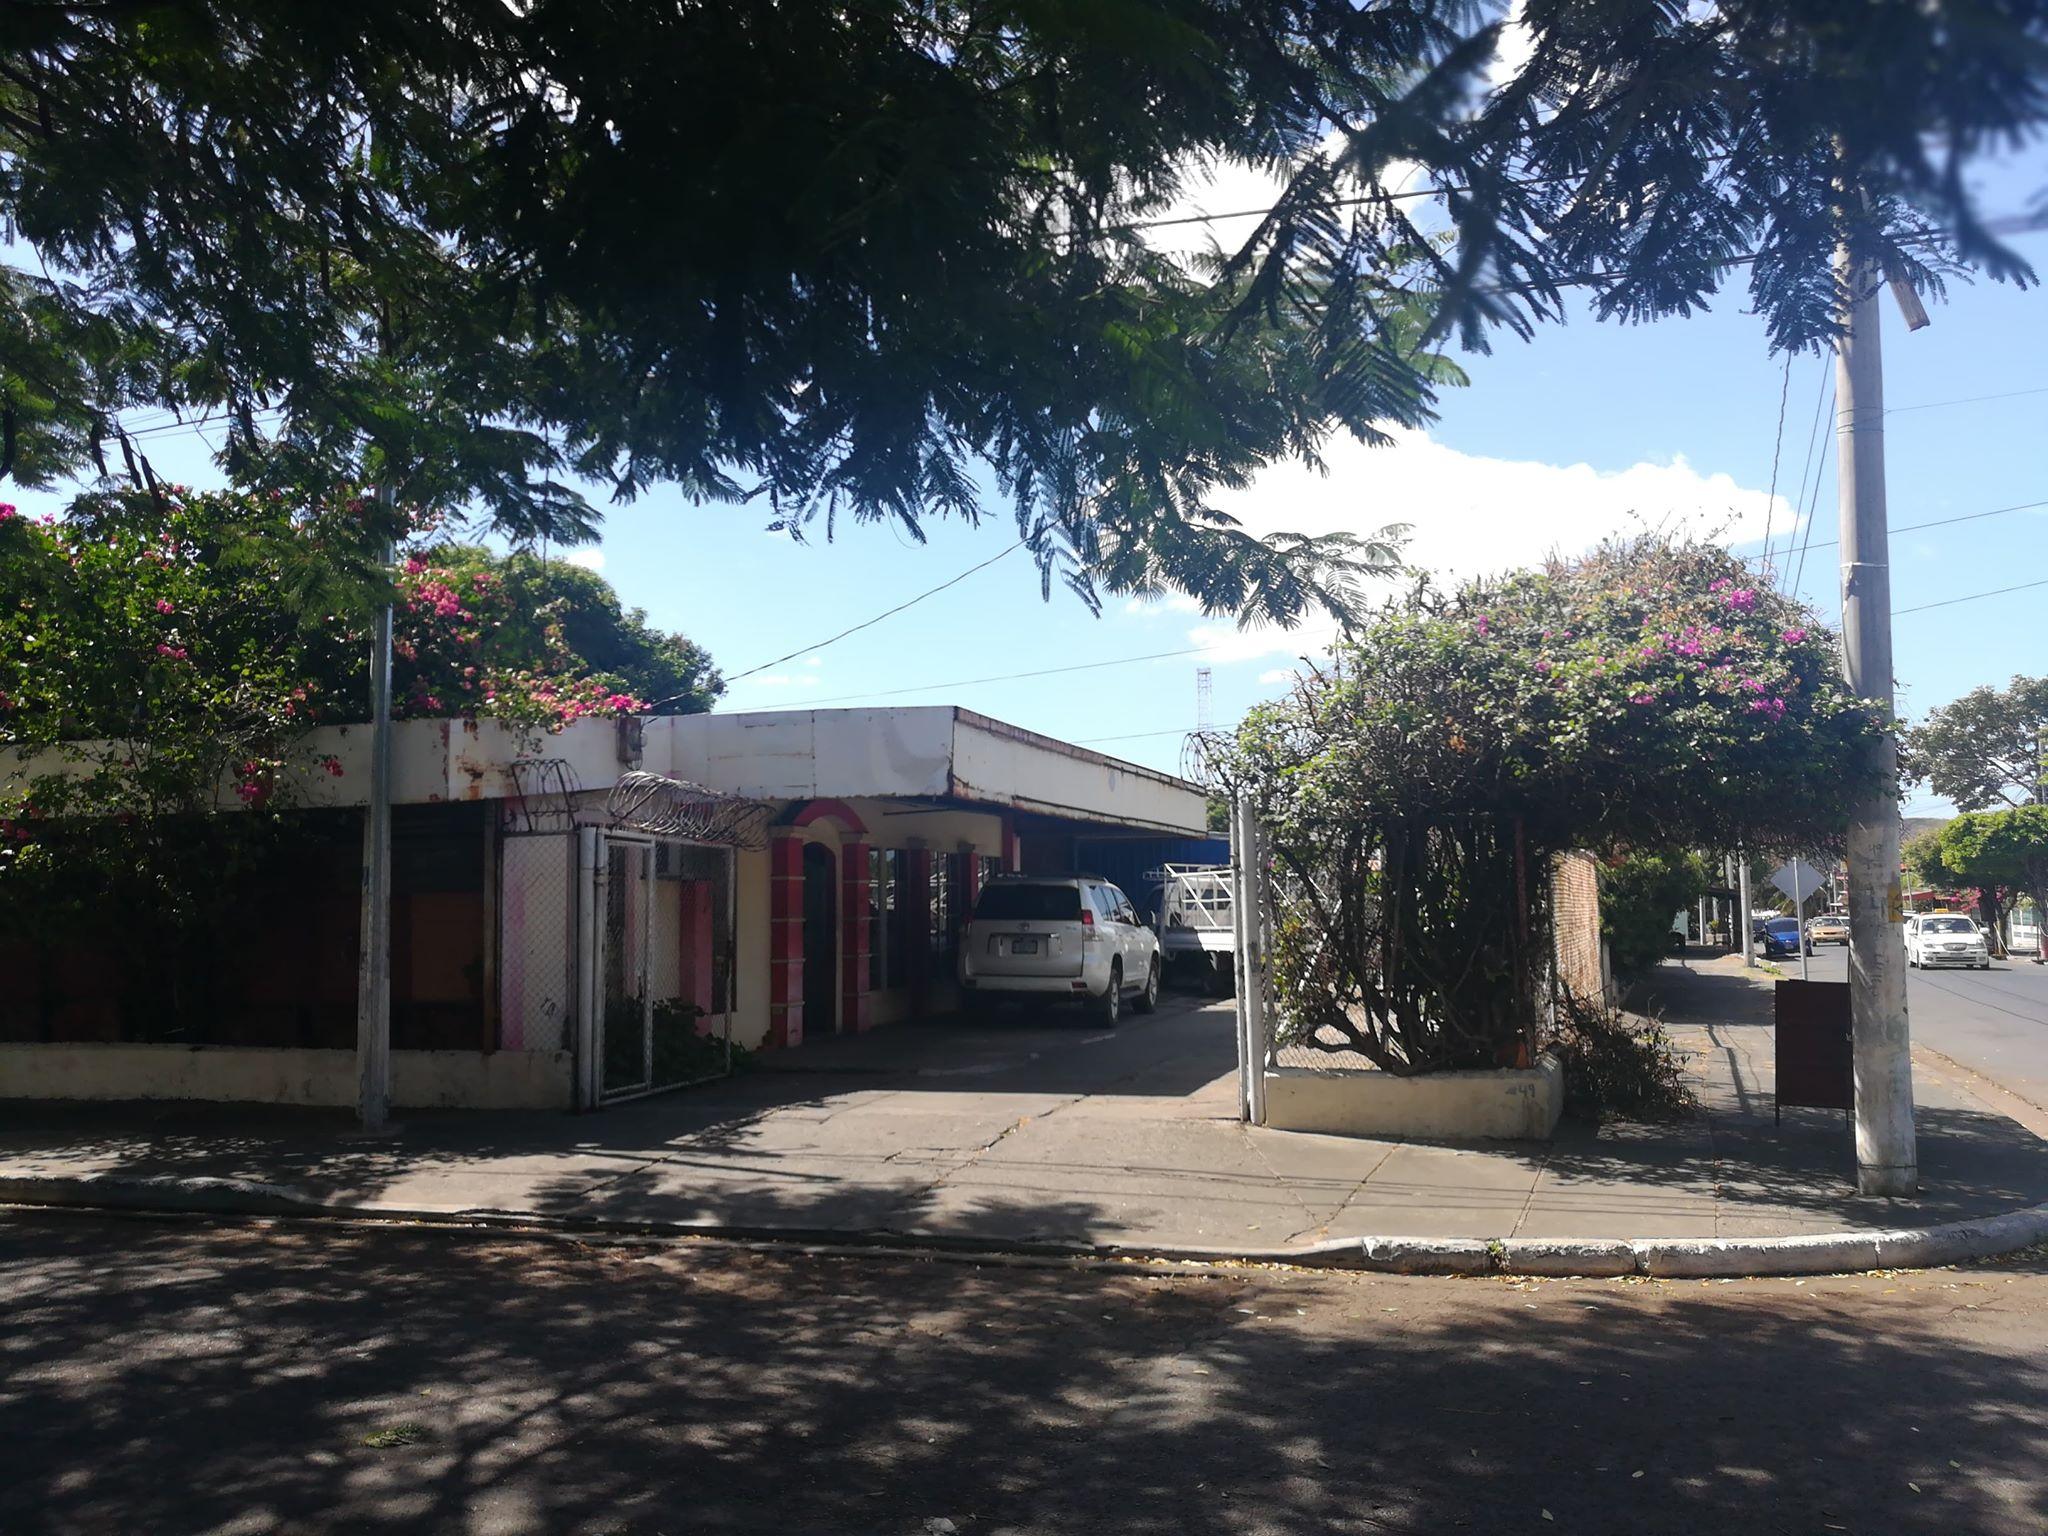 monseñor-lezcano-kmc-bienes-raices-13736543 (4)